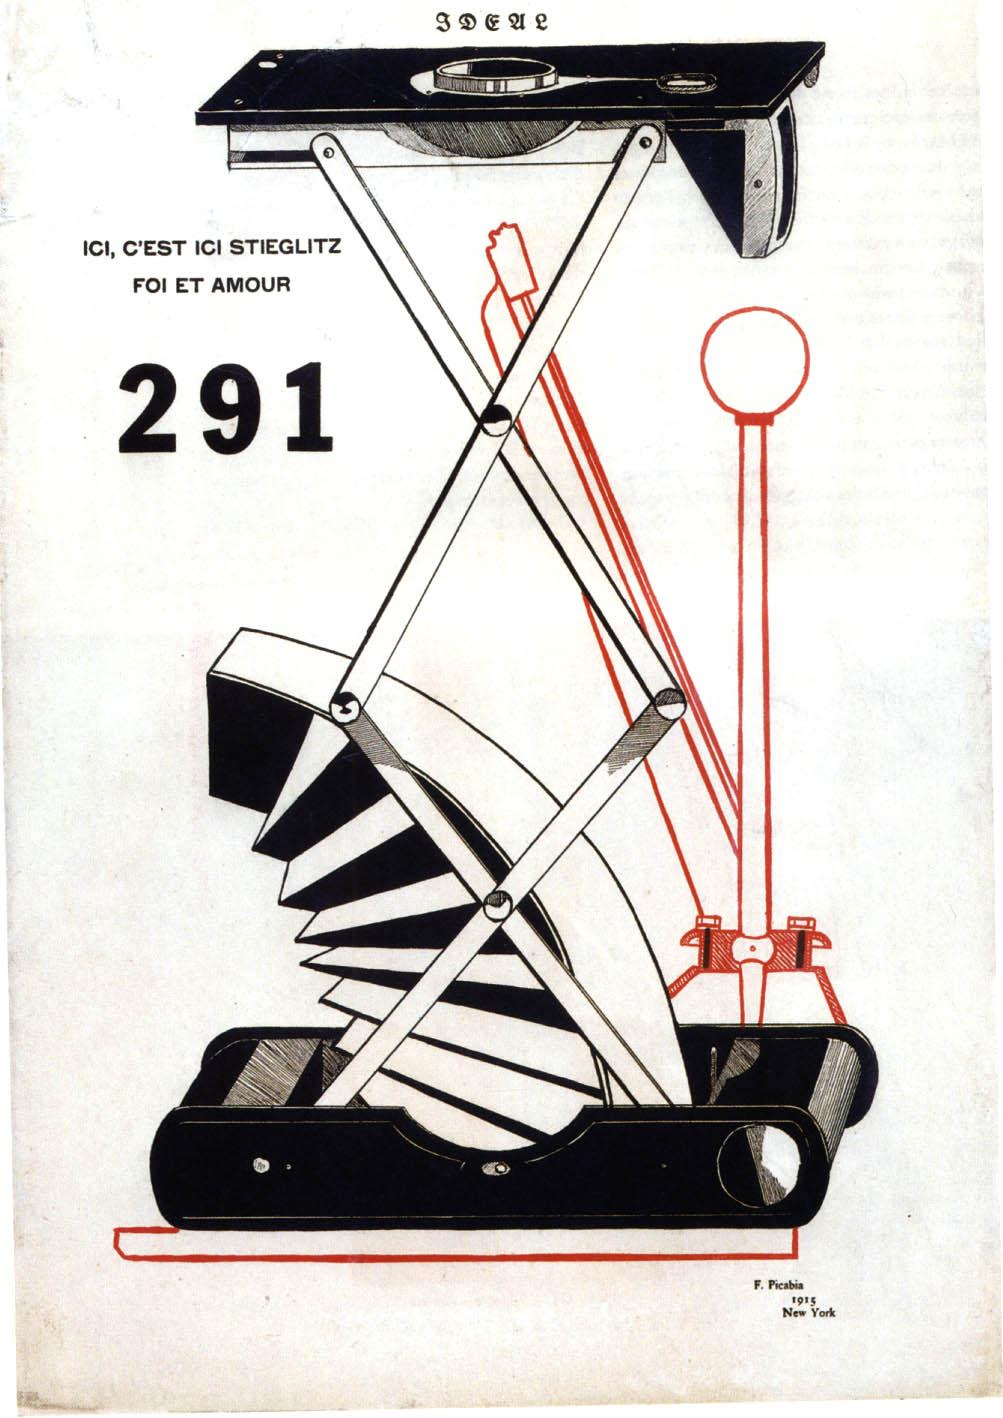 Francis Picabia, Ici, c'est ici Stieglitz, foi et amour, cover of 291, No.  1, 1915